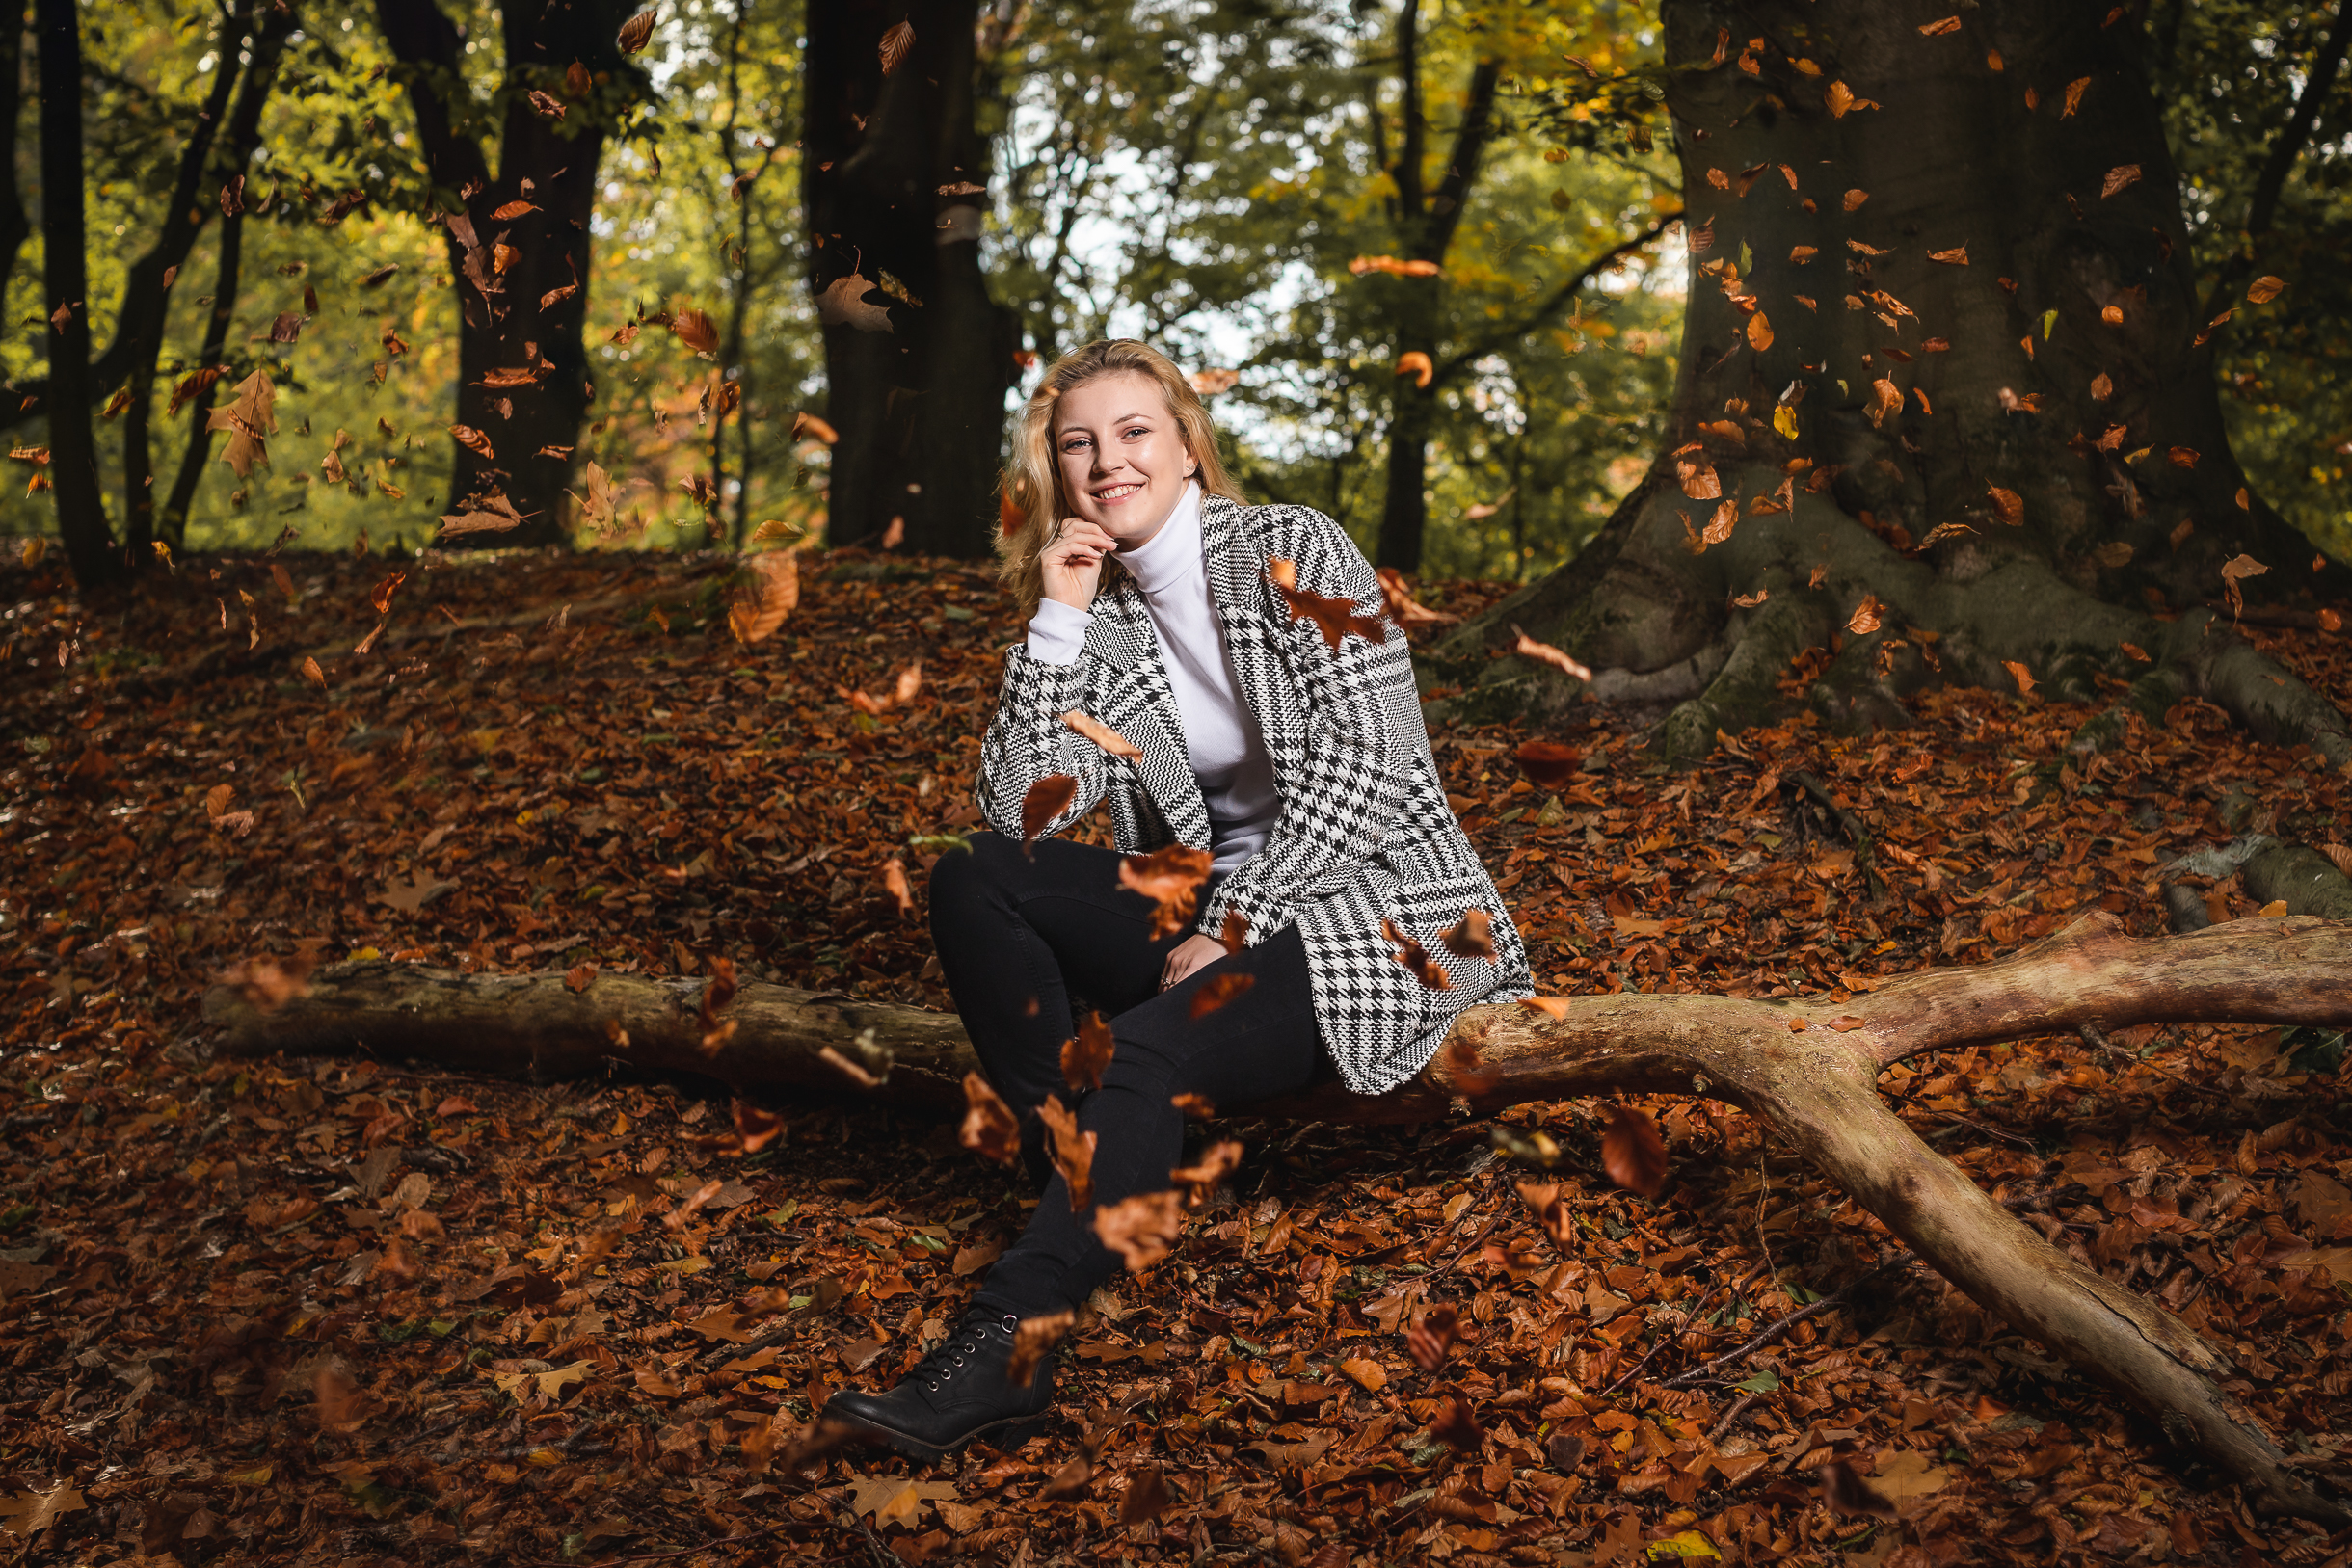 Herbst Shooting mit Aliena